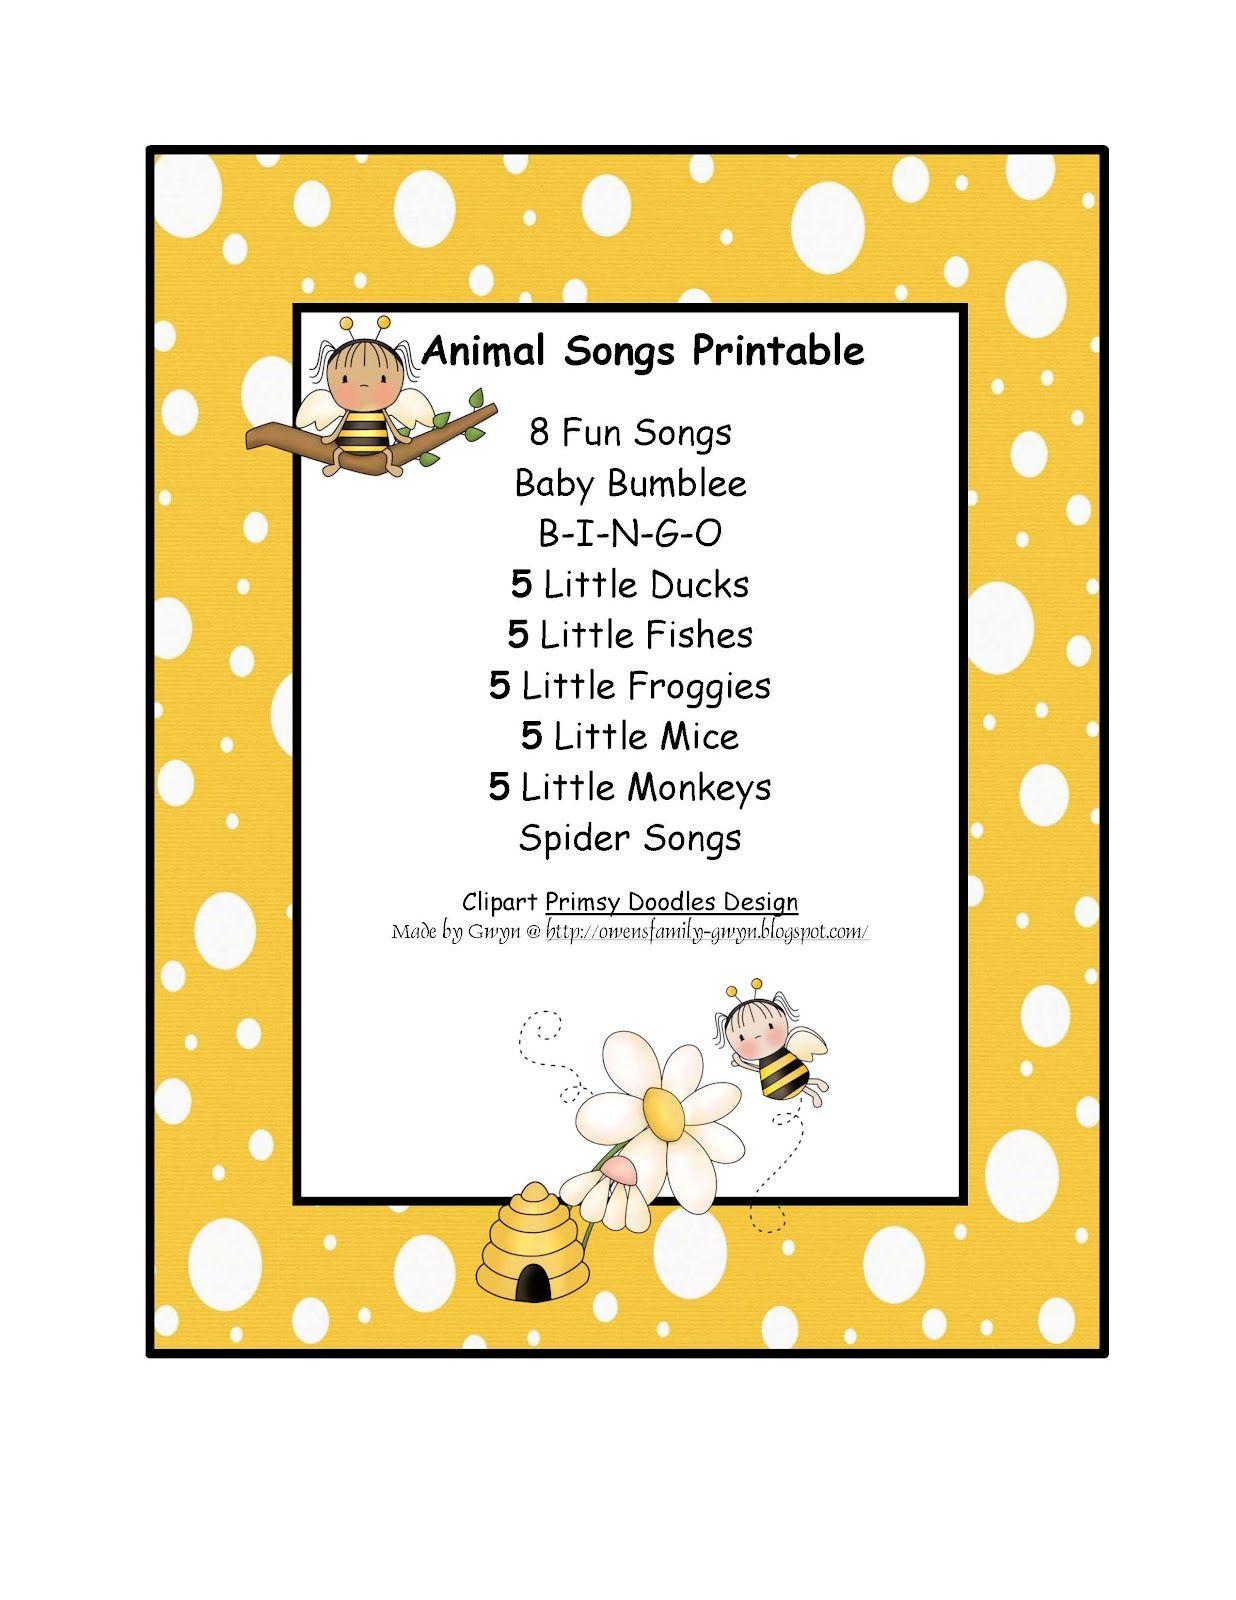 Preschool Printables Free Animal Songs Printable